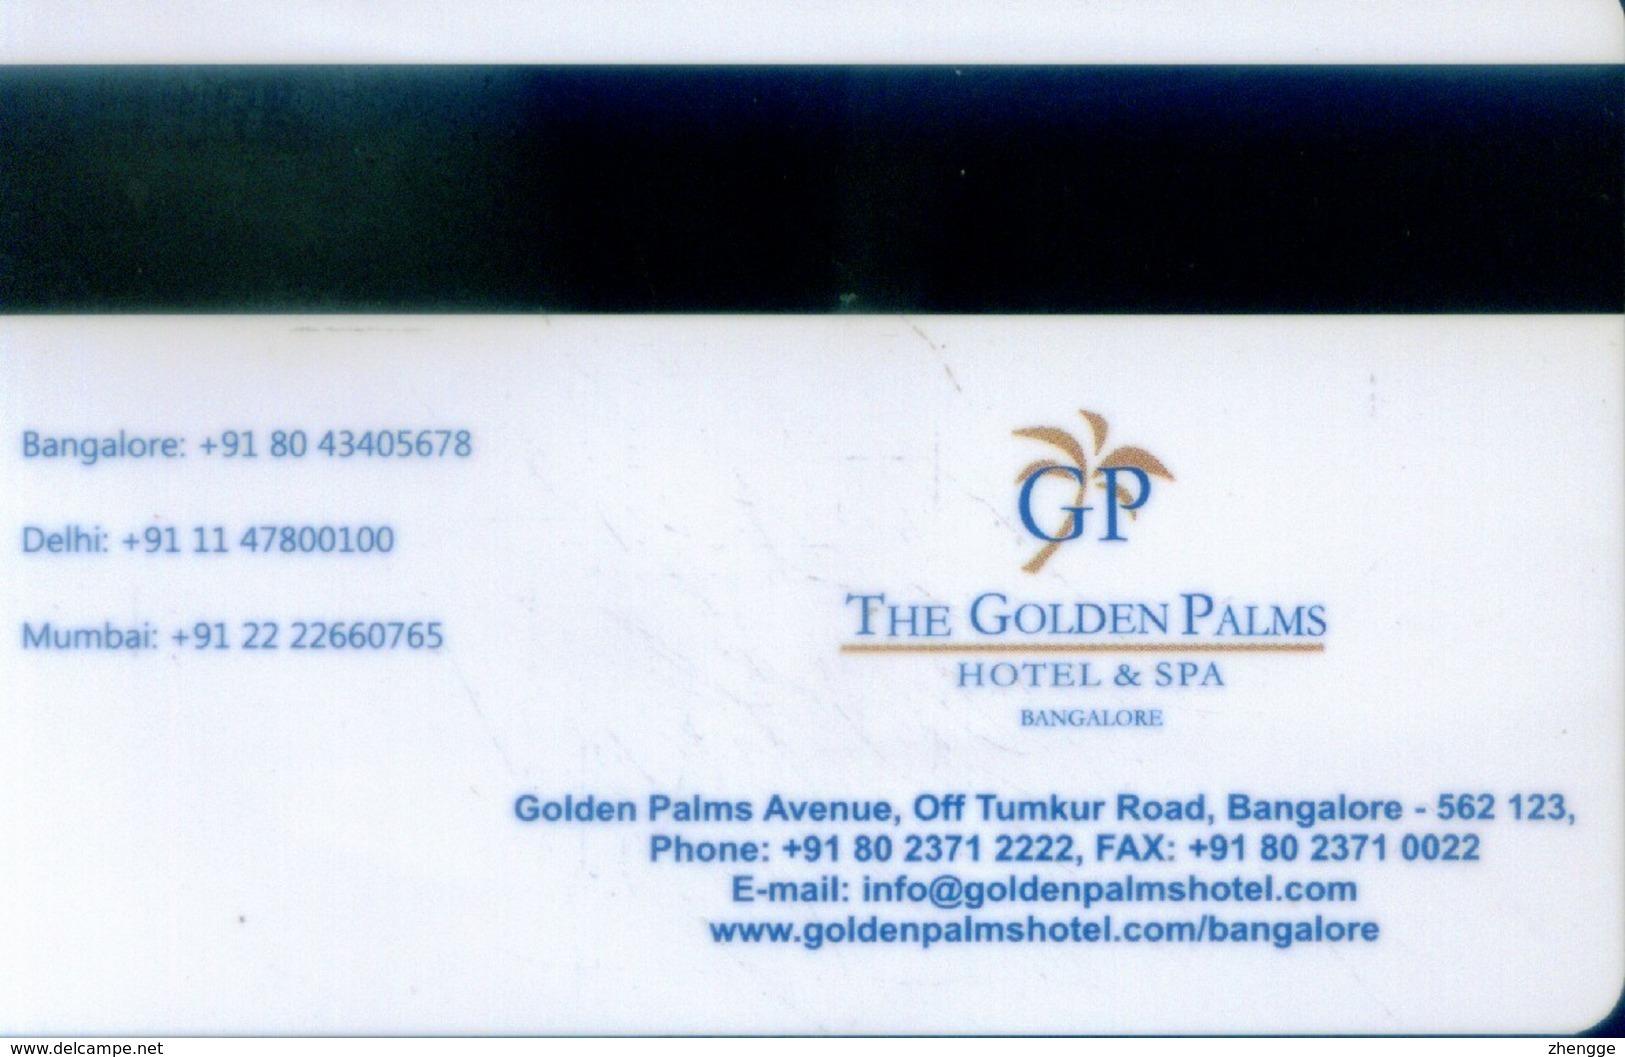 India Hotel Key, The Golden Palms Hotel & Spa Bangalore  (1pcs) - India